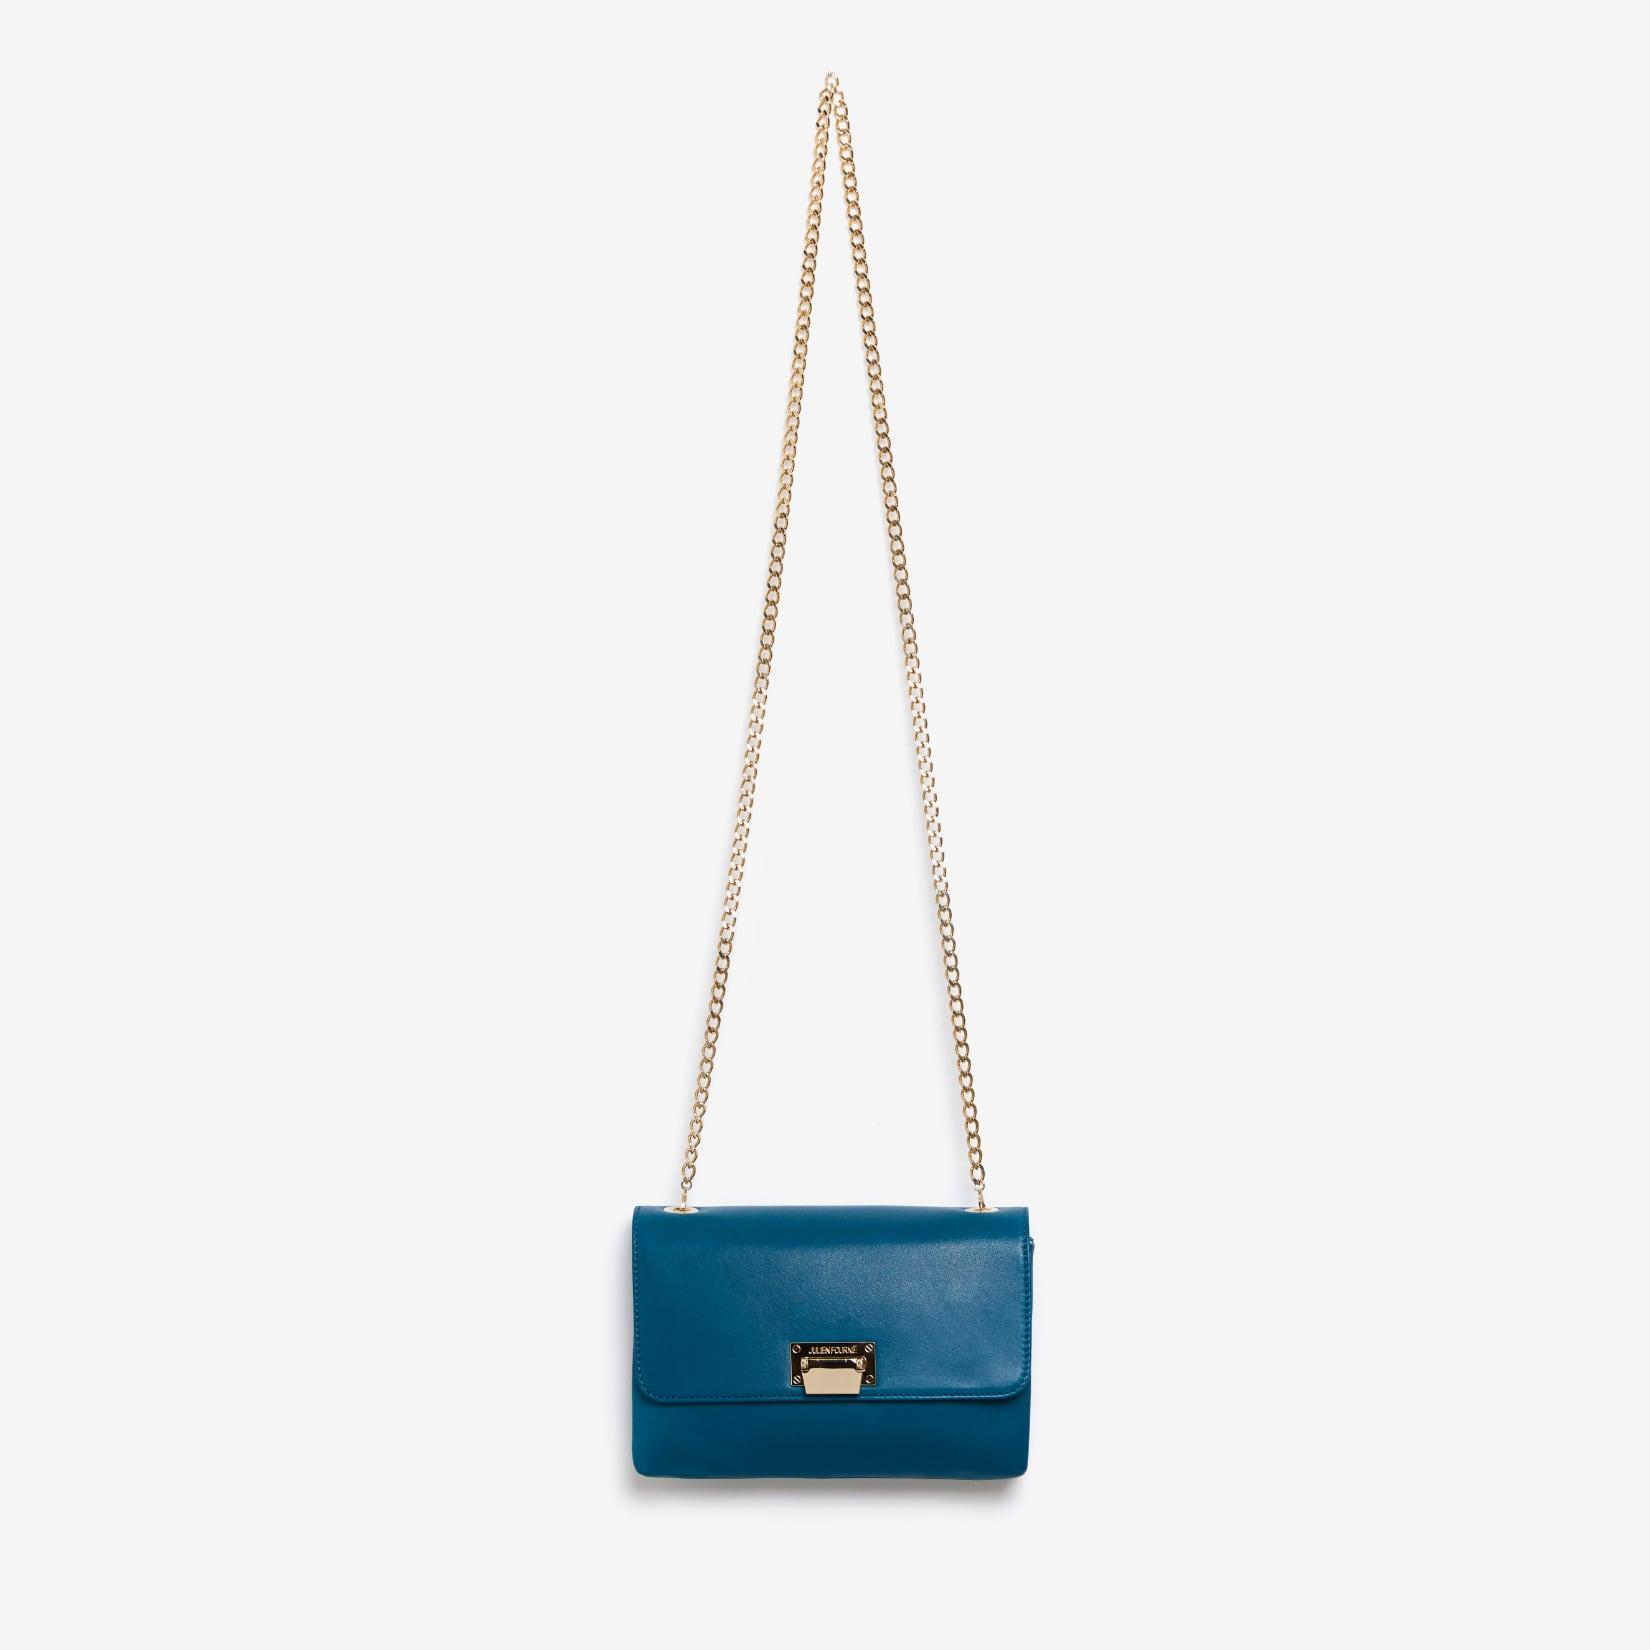 Duck Handbag